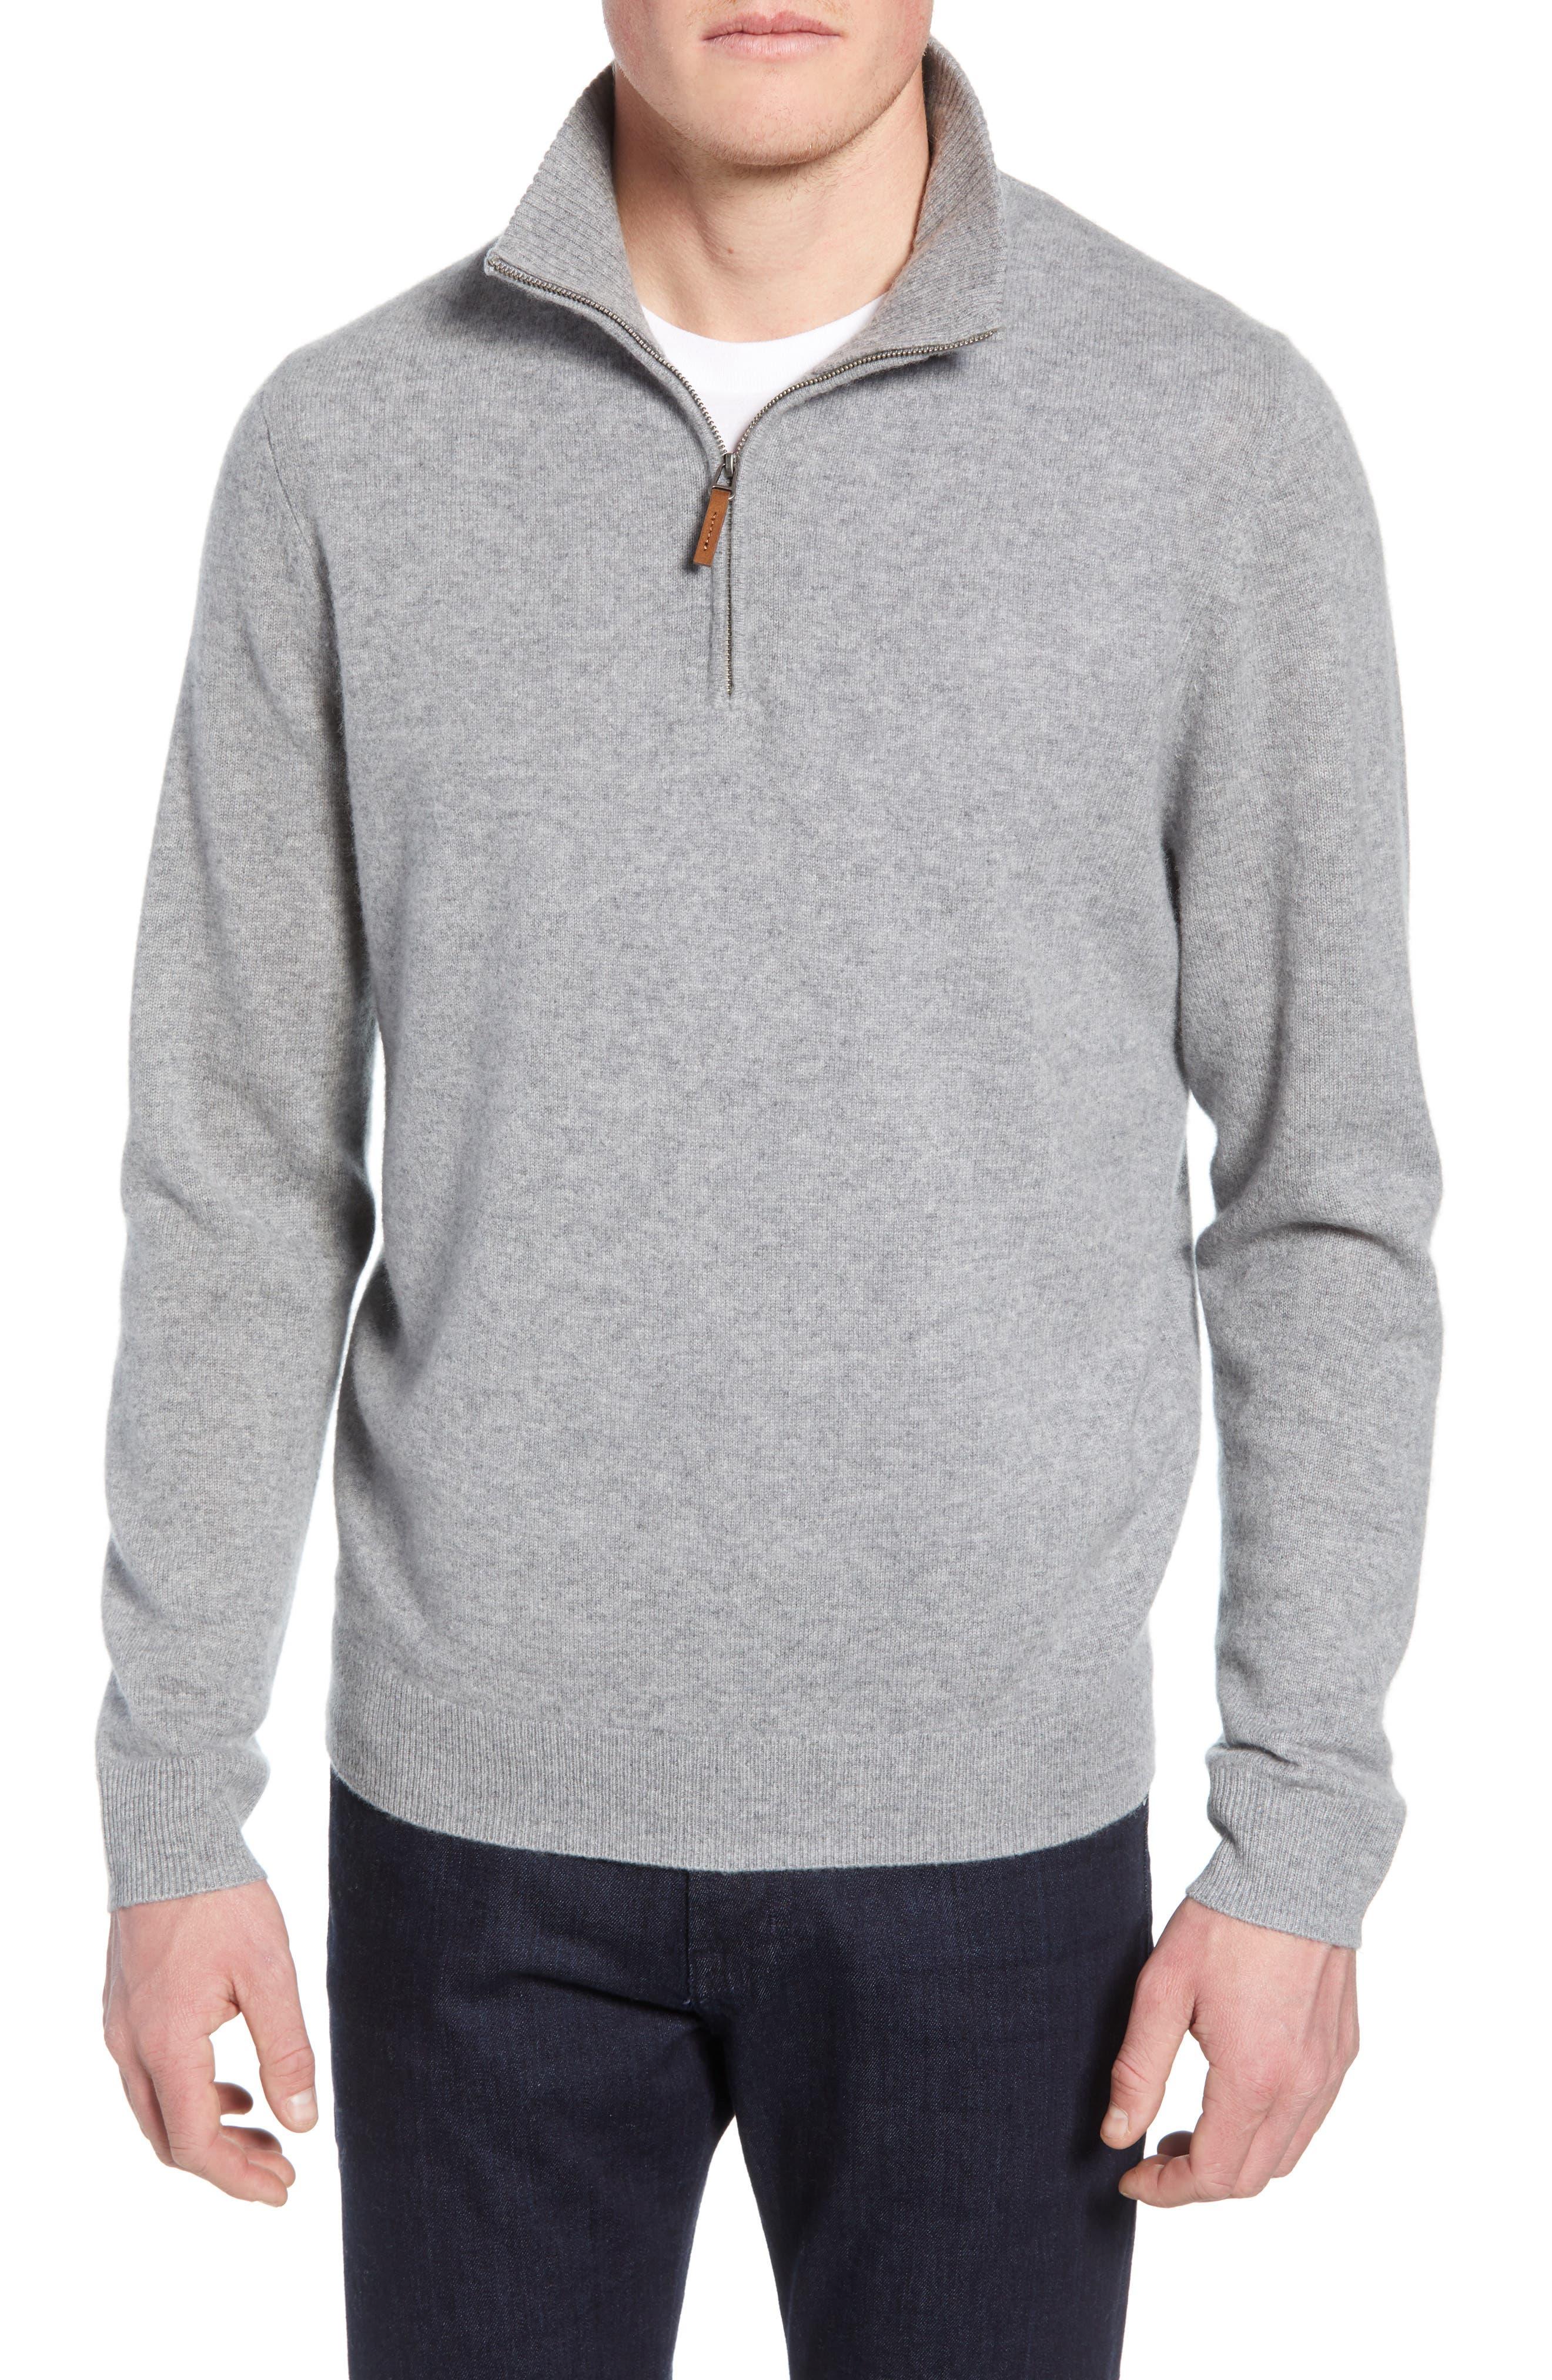 NORDSTROM MEN'S SHOP Regular Fit Cashmere Quarter Zip Pullover, Main, color, GREY DRIFTWOOD